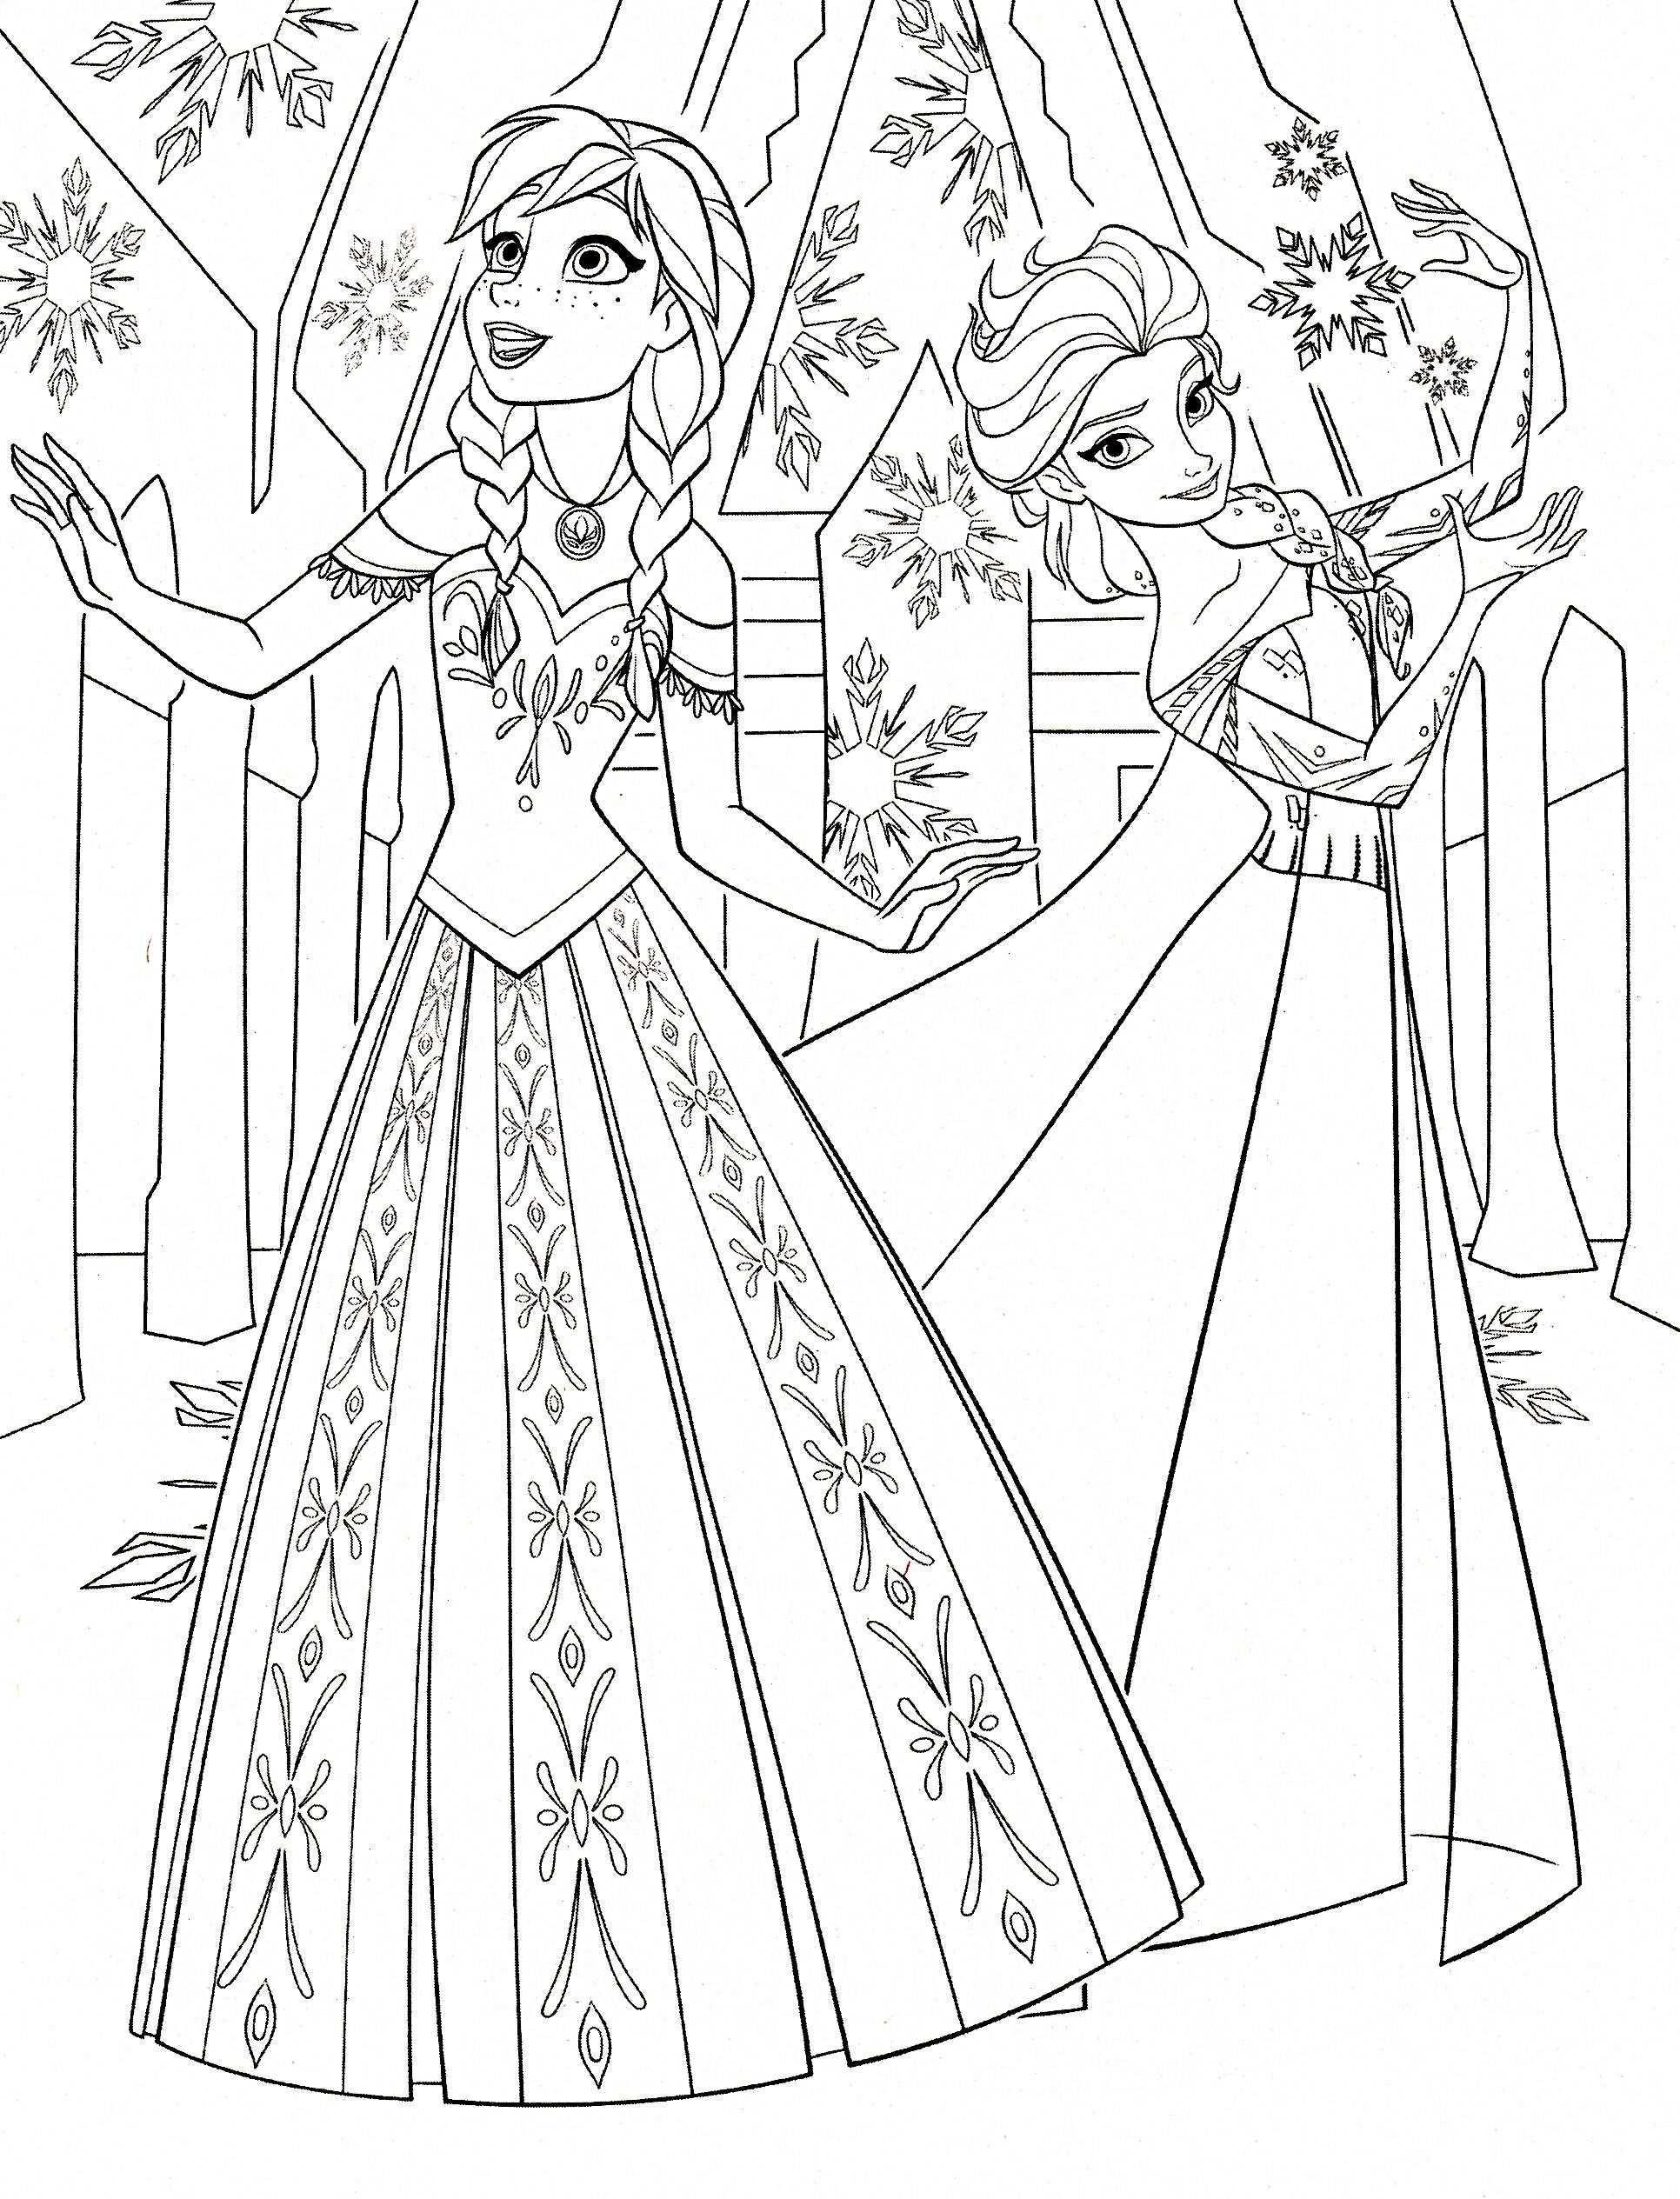 Elsa Anna Frozen Prinses Kleurplaatjes Frozen Kleurplaten Kleurboek